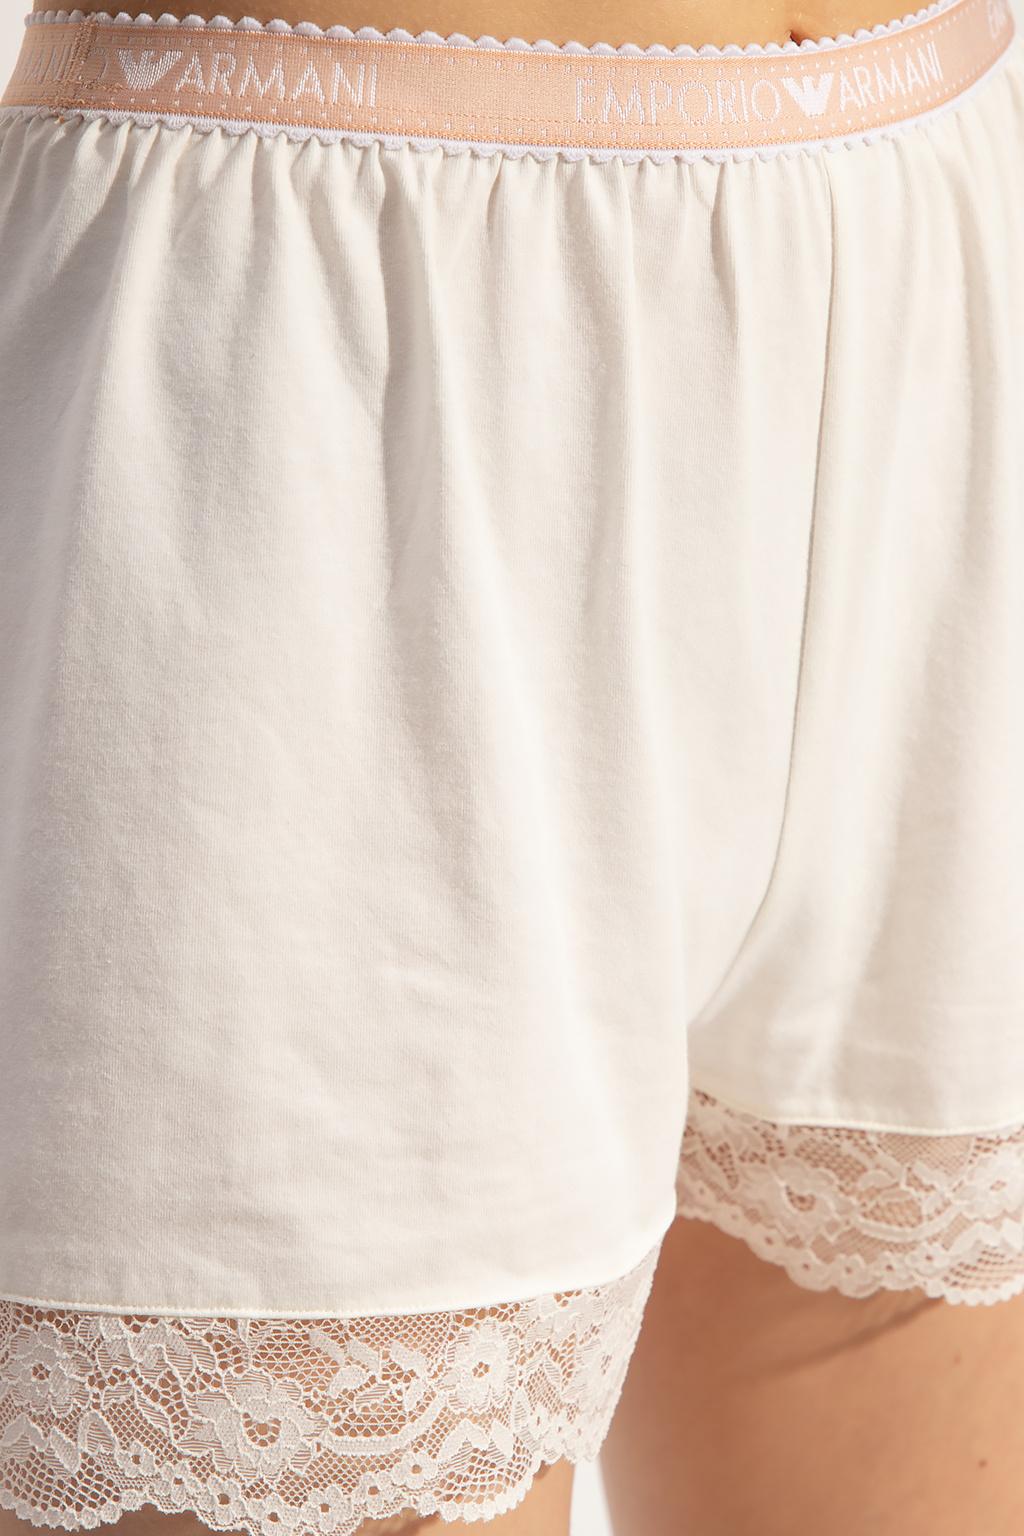 Emporio Armani Pajamas with logo